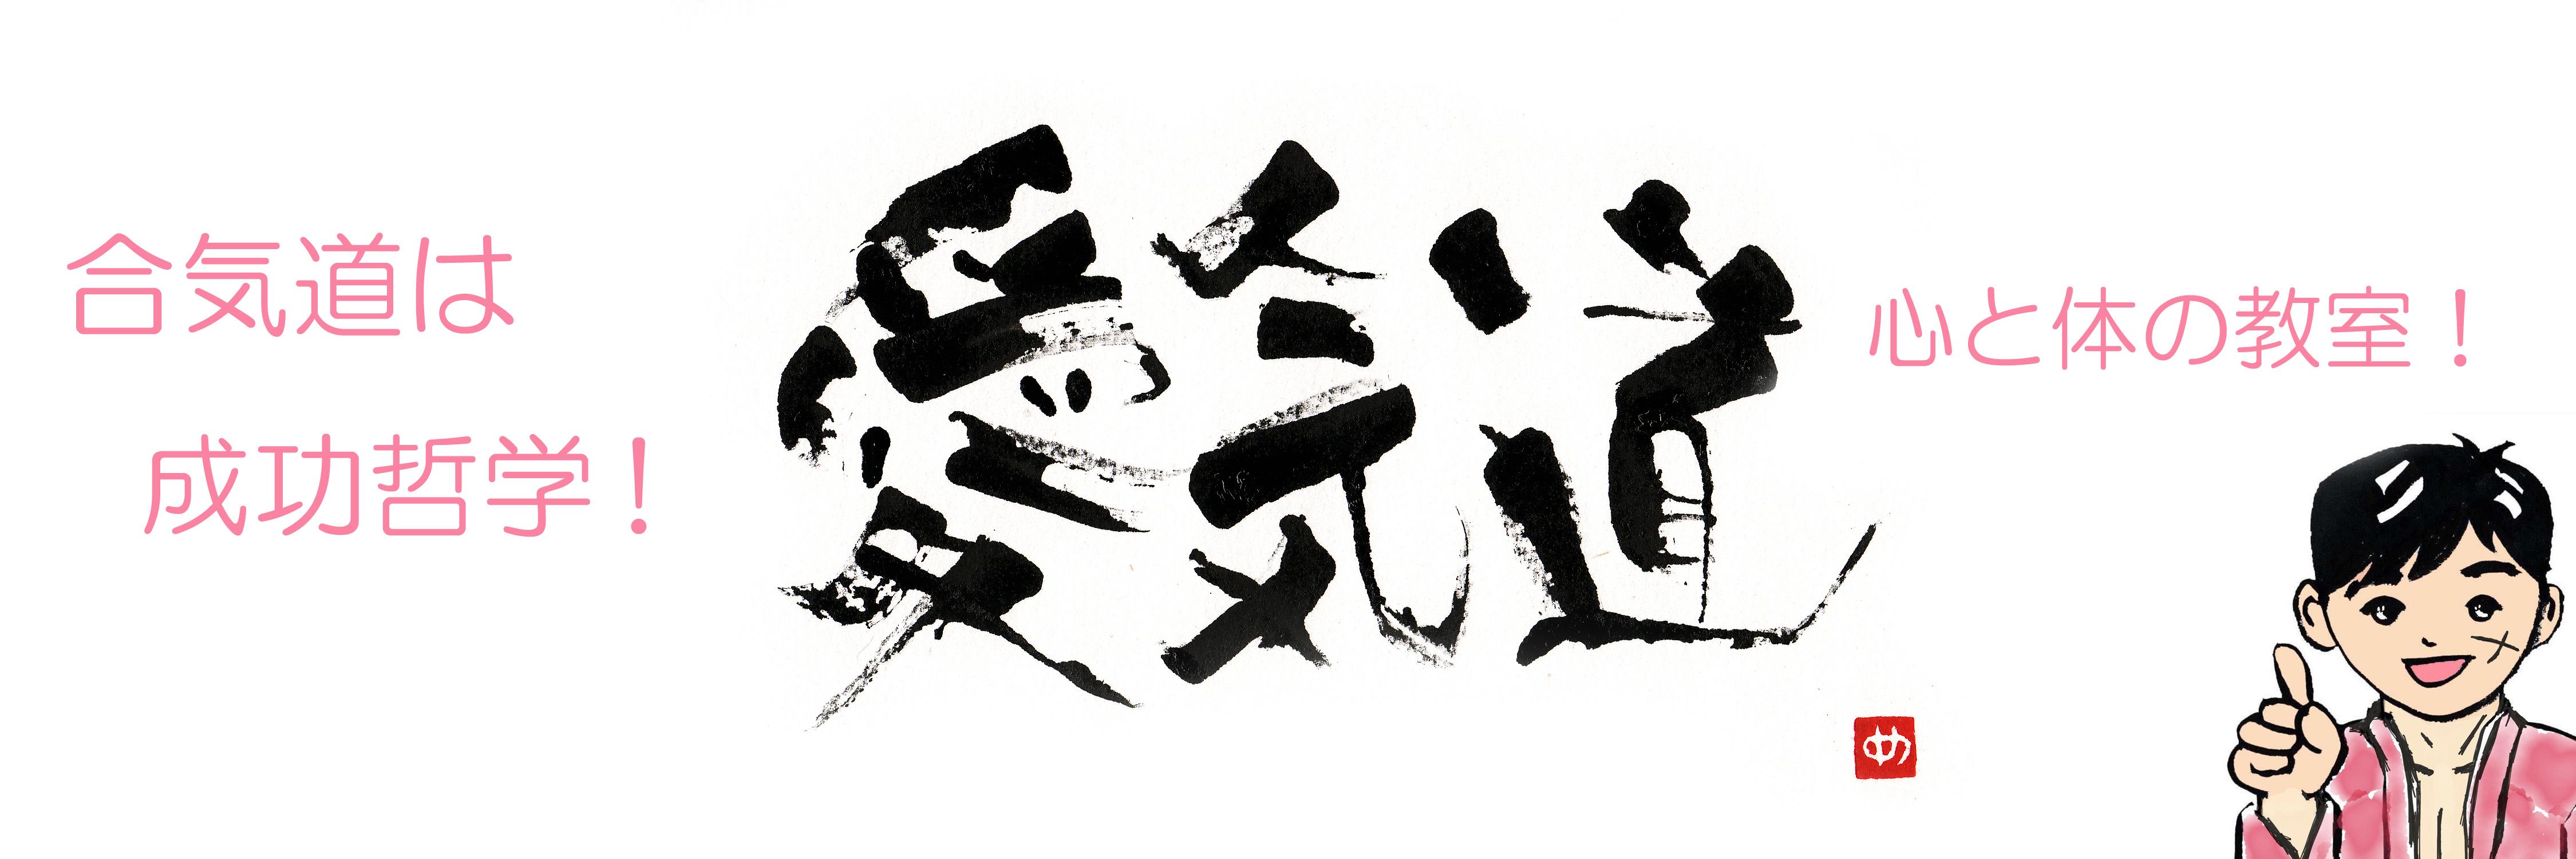 合気道は成功哲学!愛気道!心と体の教室!